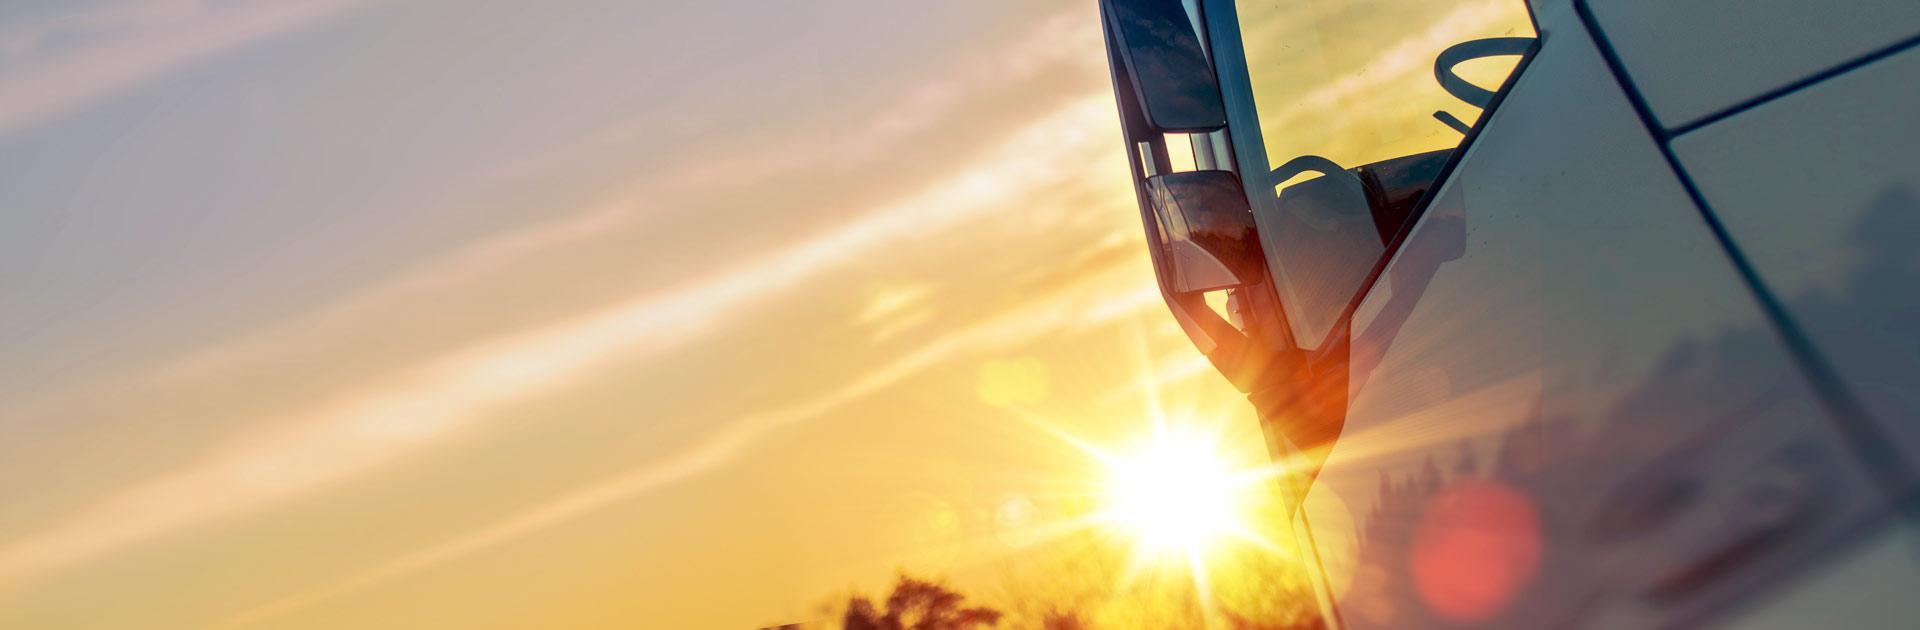 Global Service Varese Consulenza per servizi ambientali e di trasporto